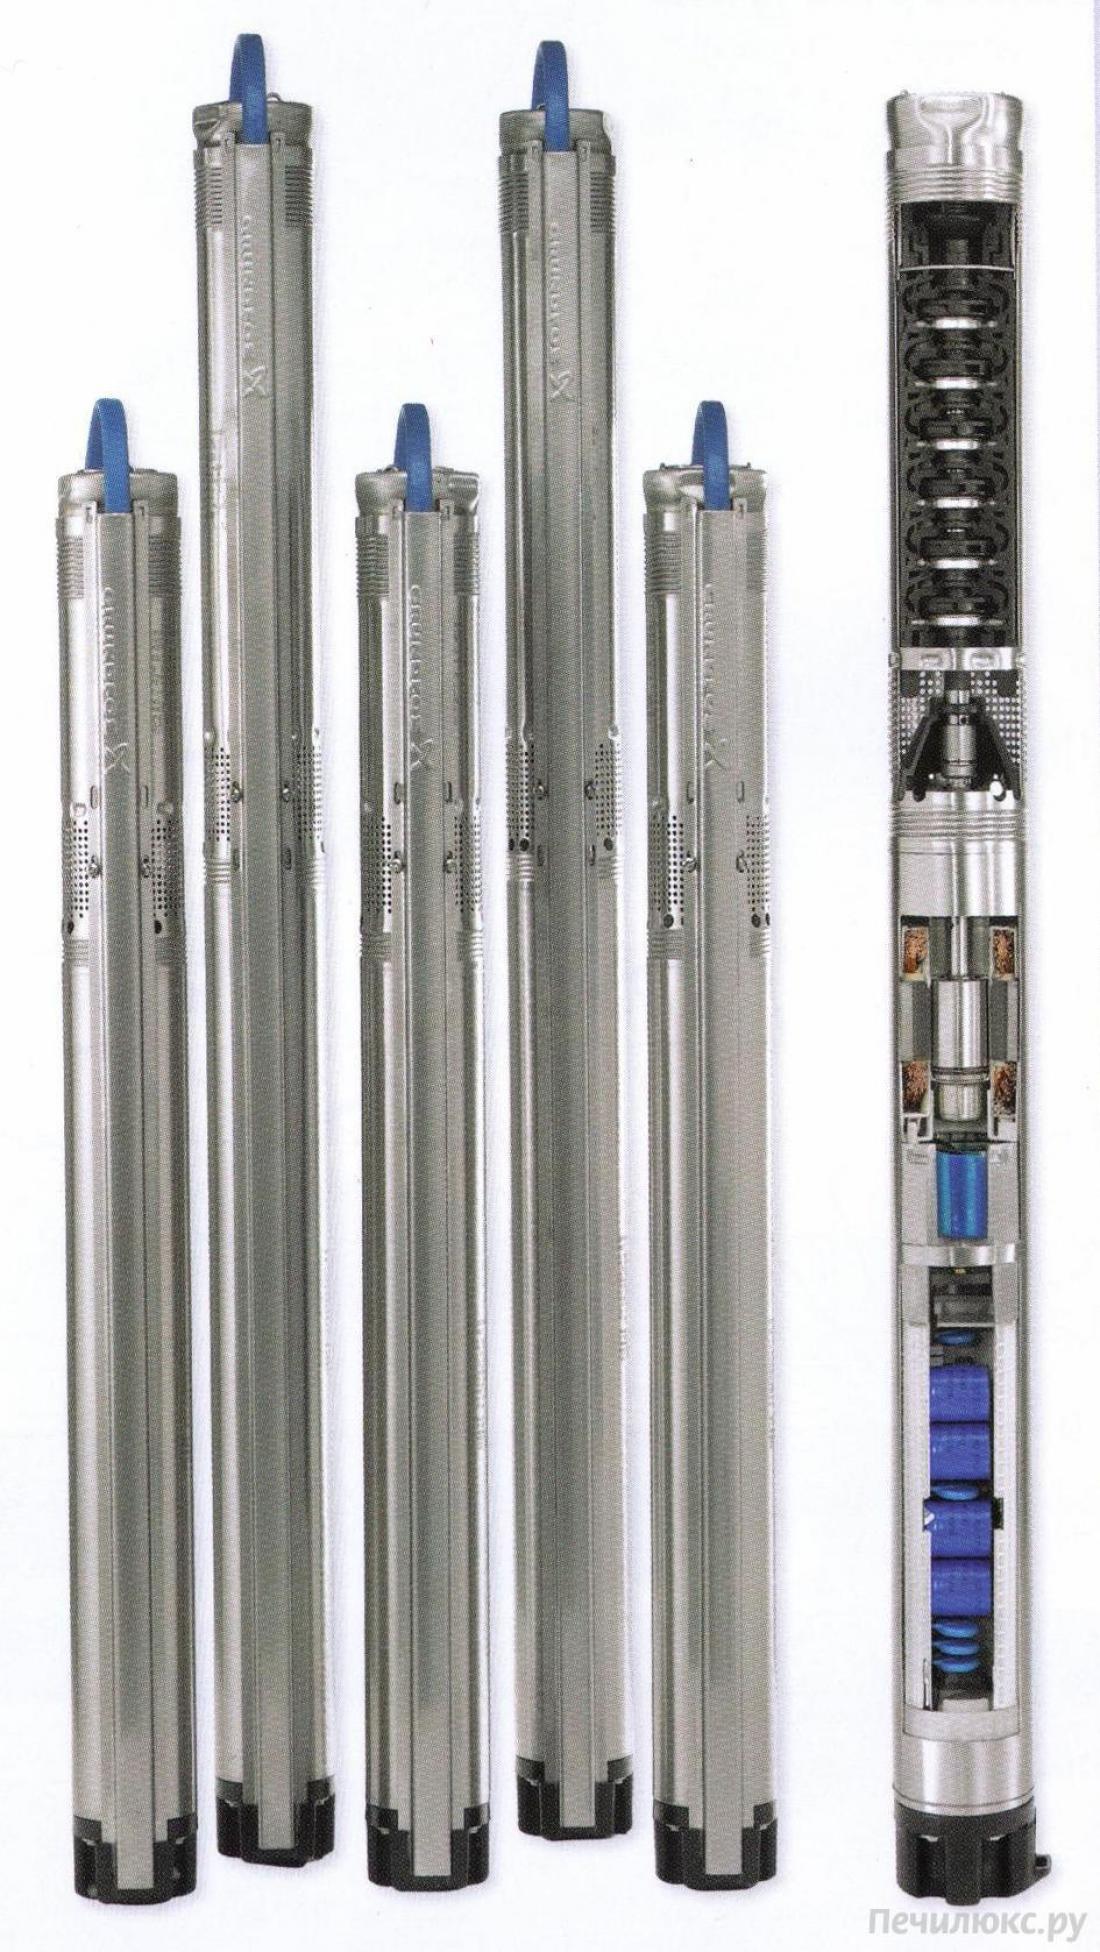 SQ  2-115     1.85kW 200-240V 50/60Hz